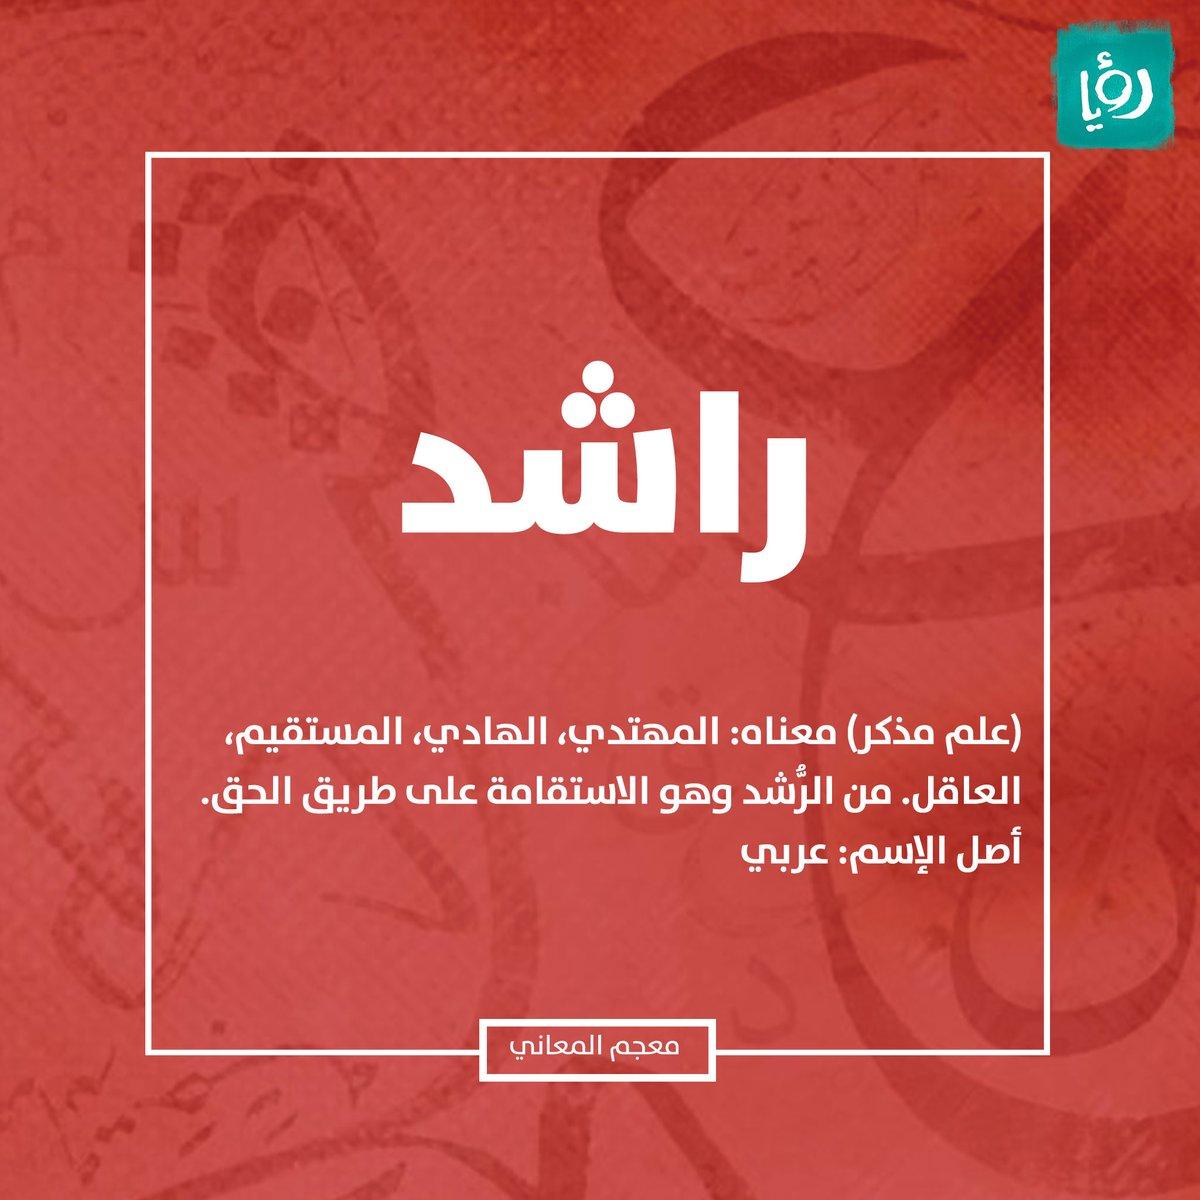 معنى اسم جعفر | قاموس الأسماء و المعاني